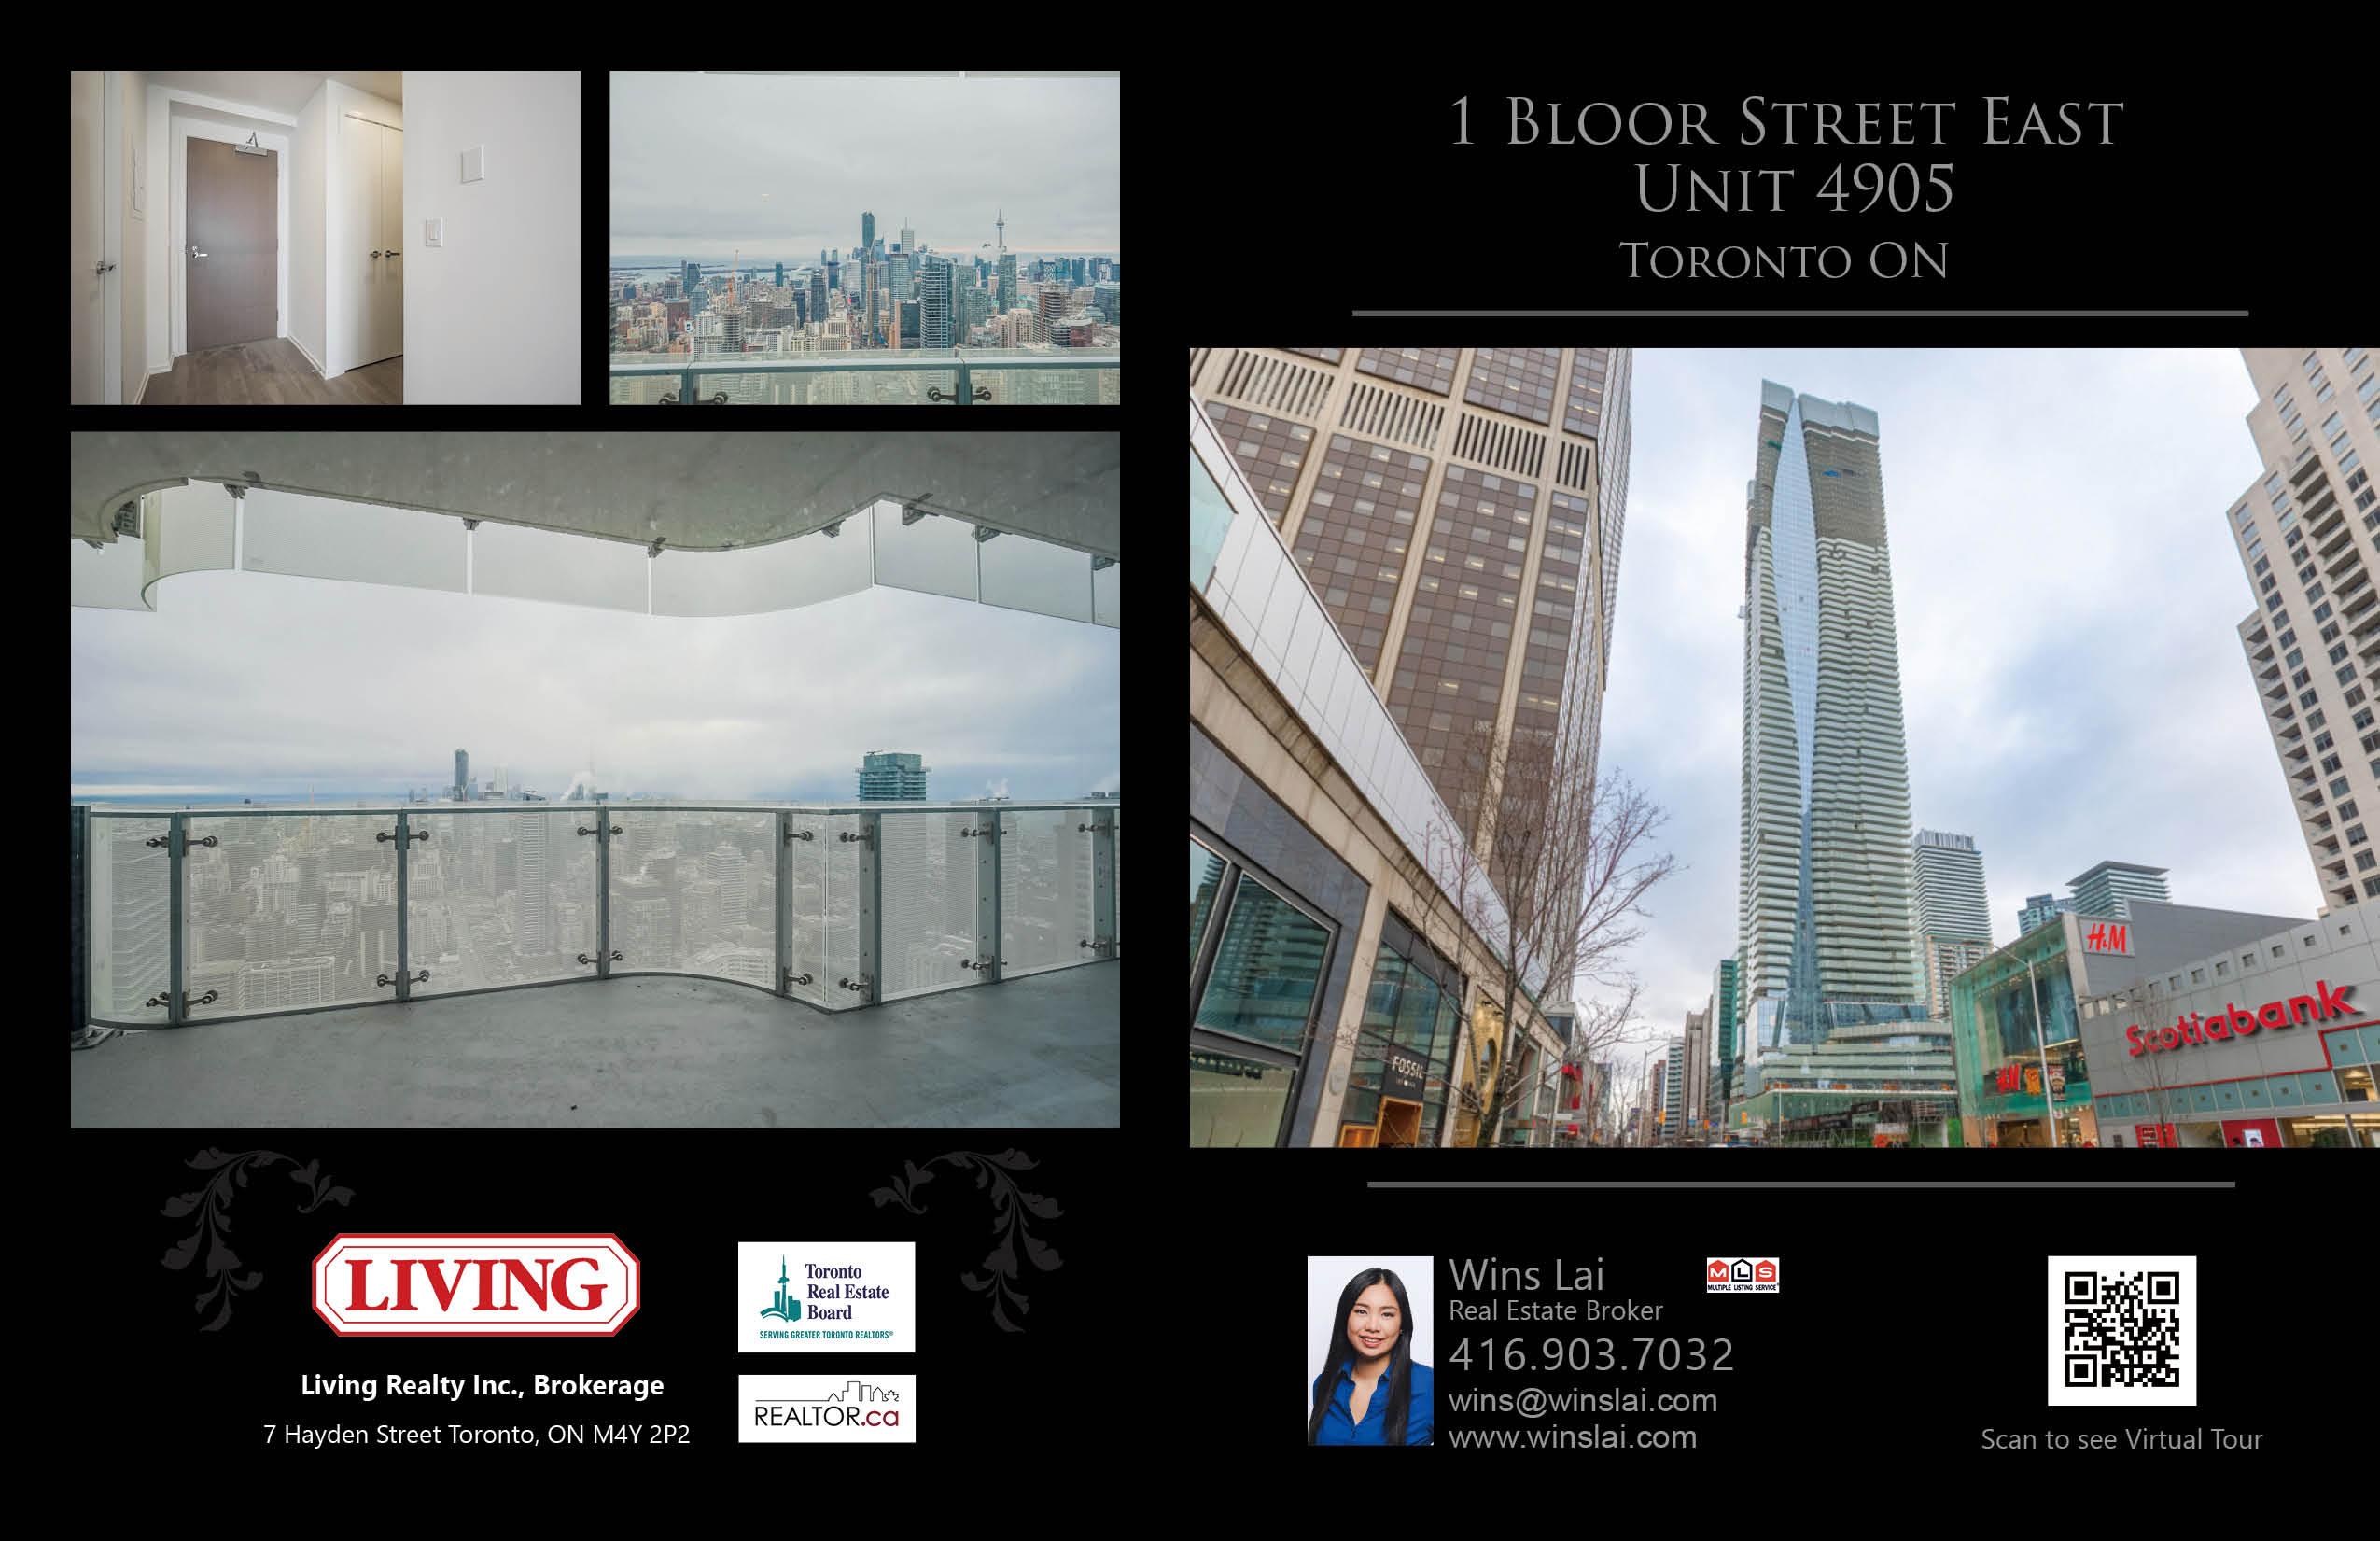 Overview of 1 Bloor Street East - Unit 4905